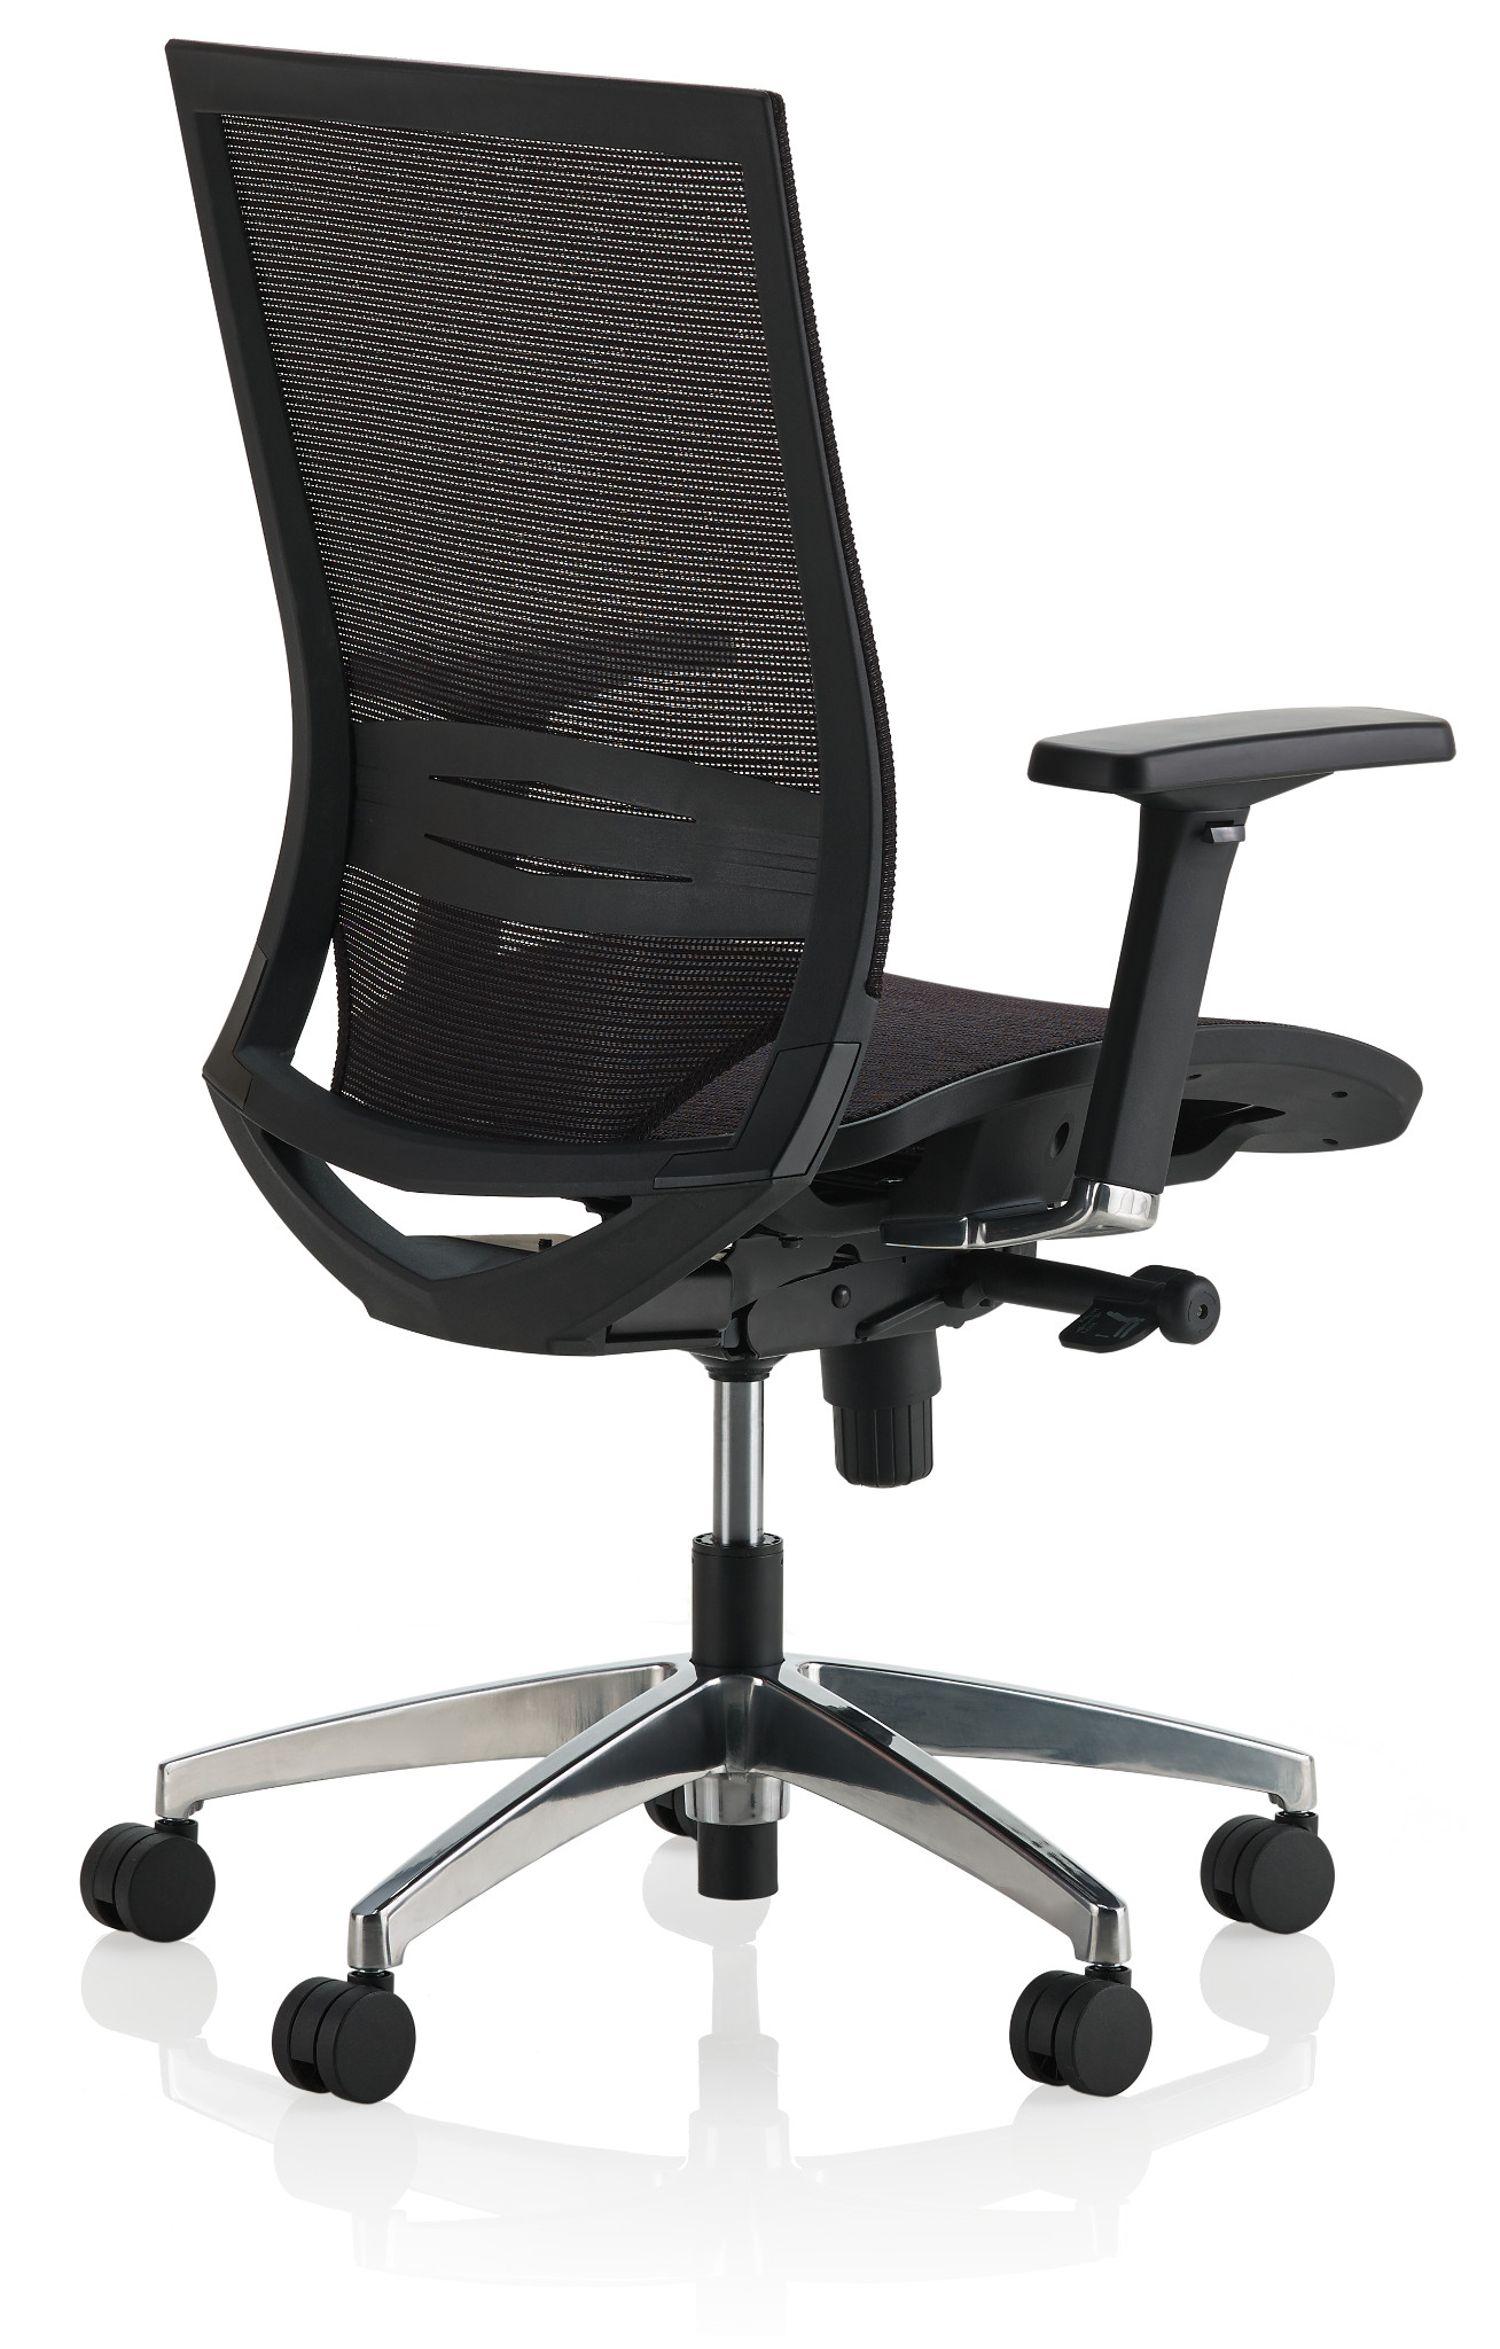 ki sift mesh back task chair back view